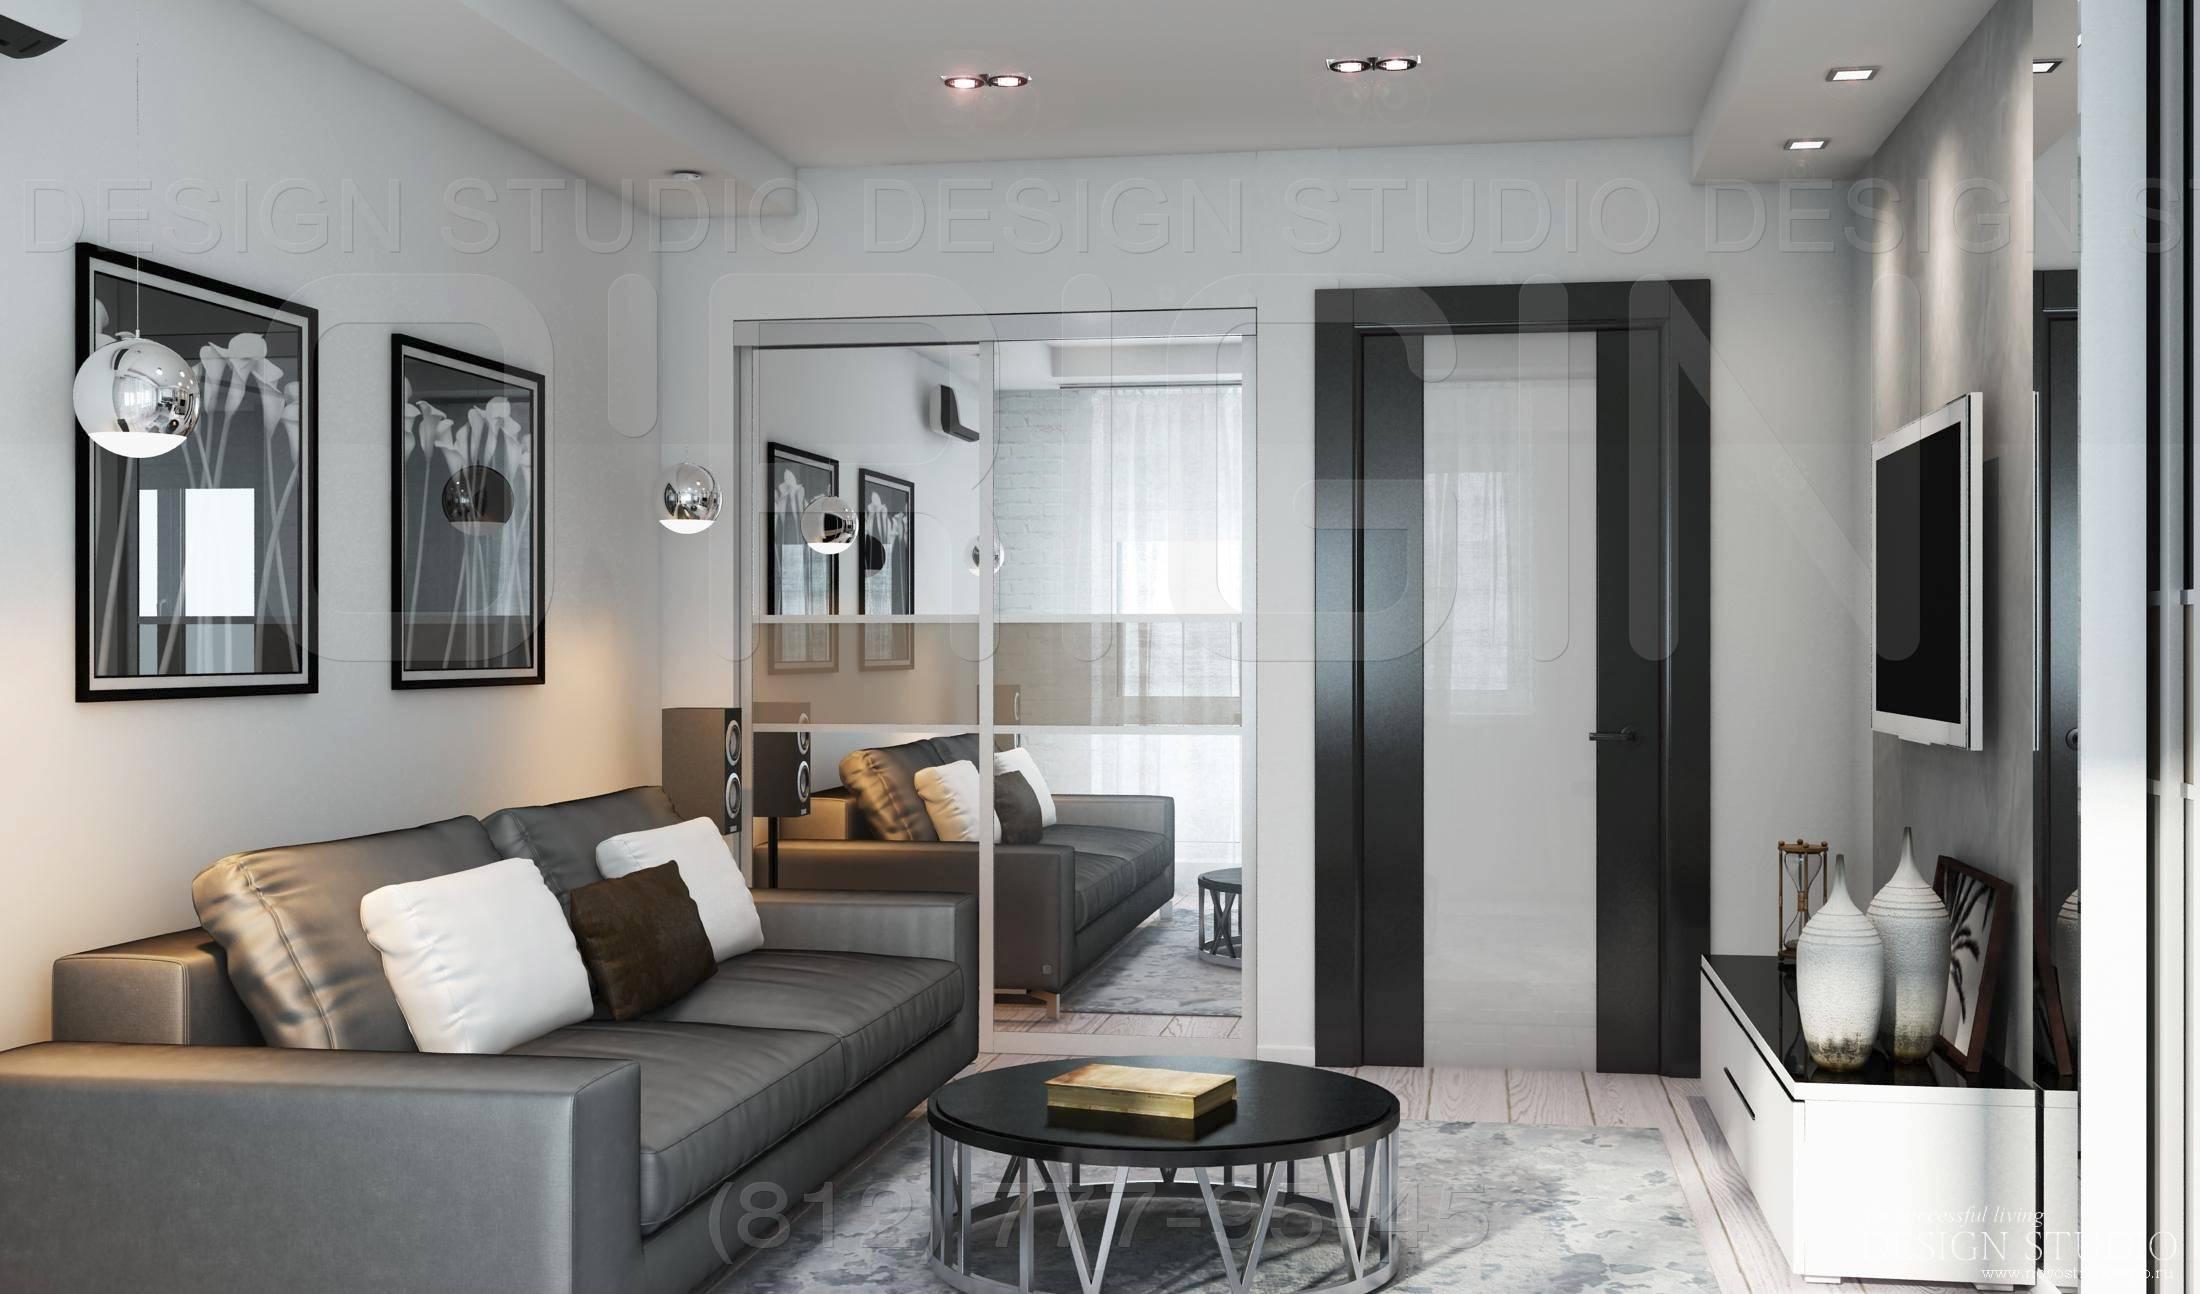 Квартира 42-43 кв.м: дизайн однокомнатной и двухкомнатнойхрущевки,ремонт, варианты планировок, фото стильного интерьера